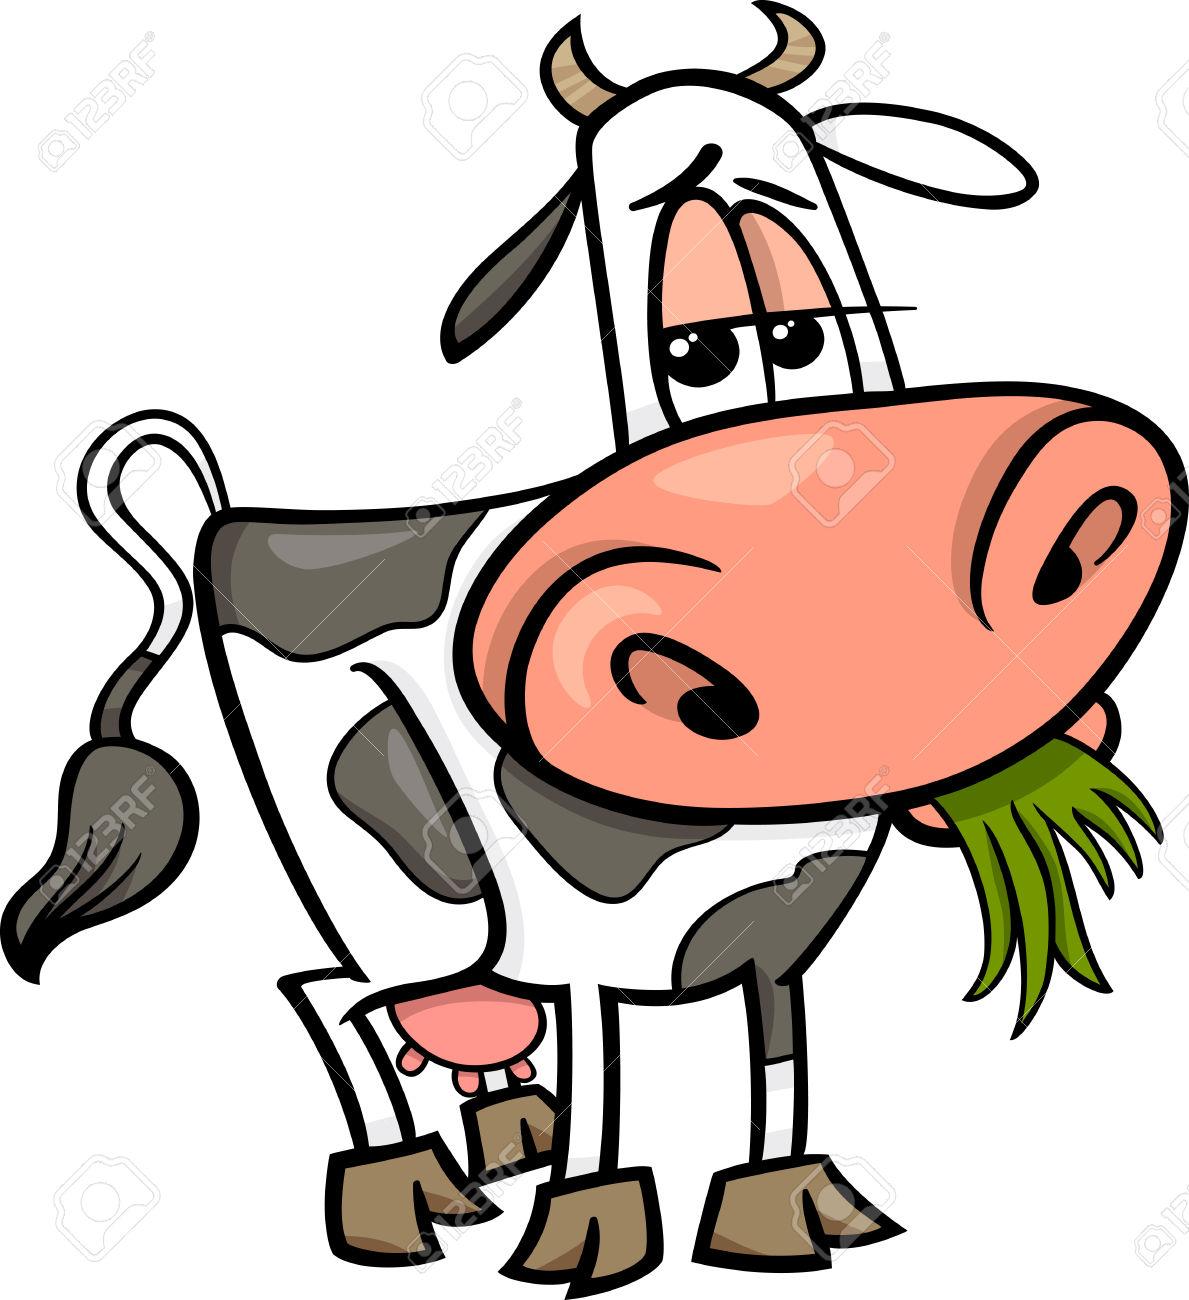 1189x1300 Farm Cow Clipart, Explore Pictures